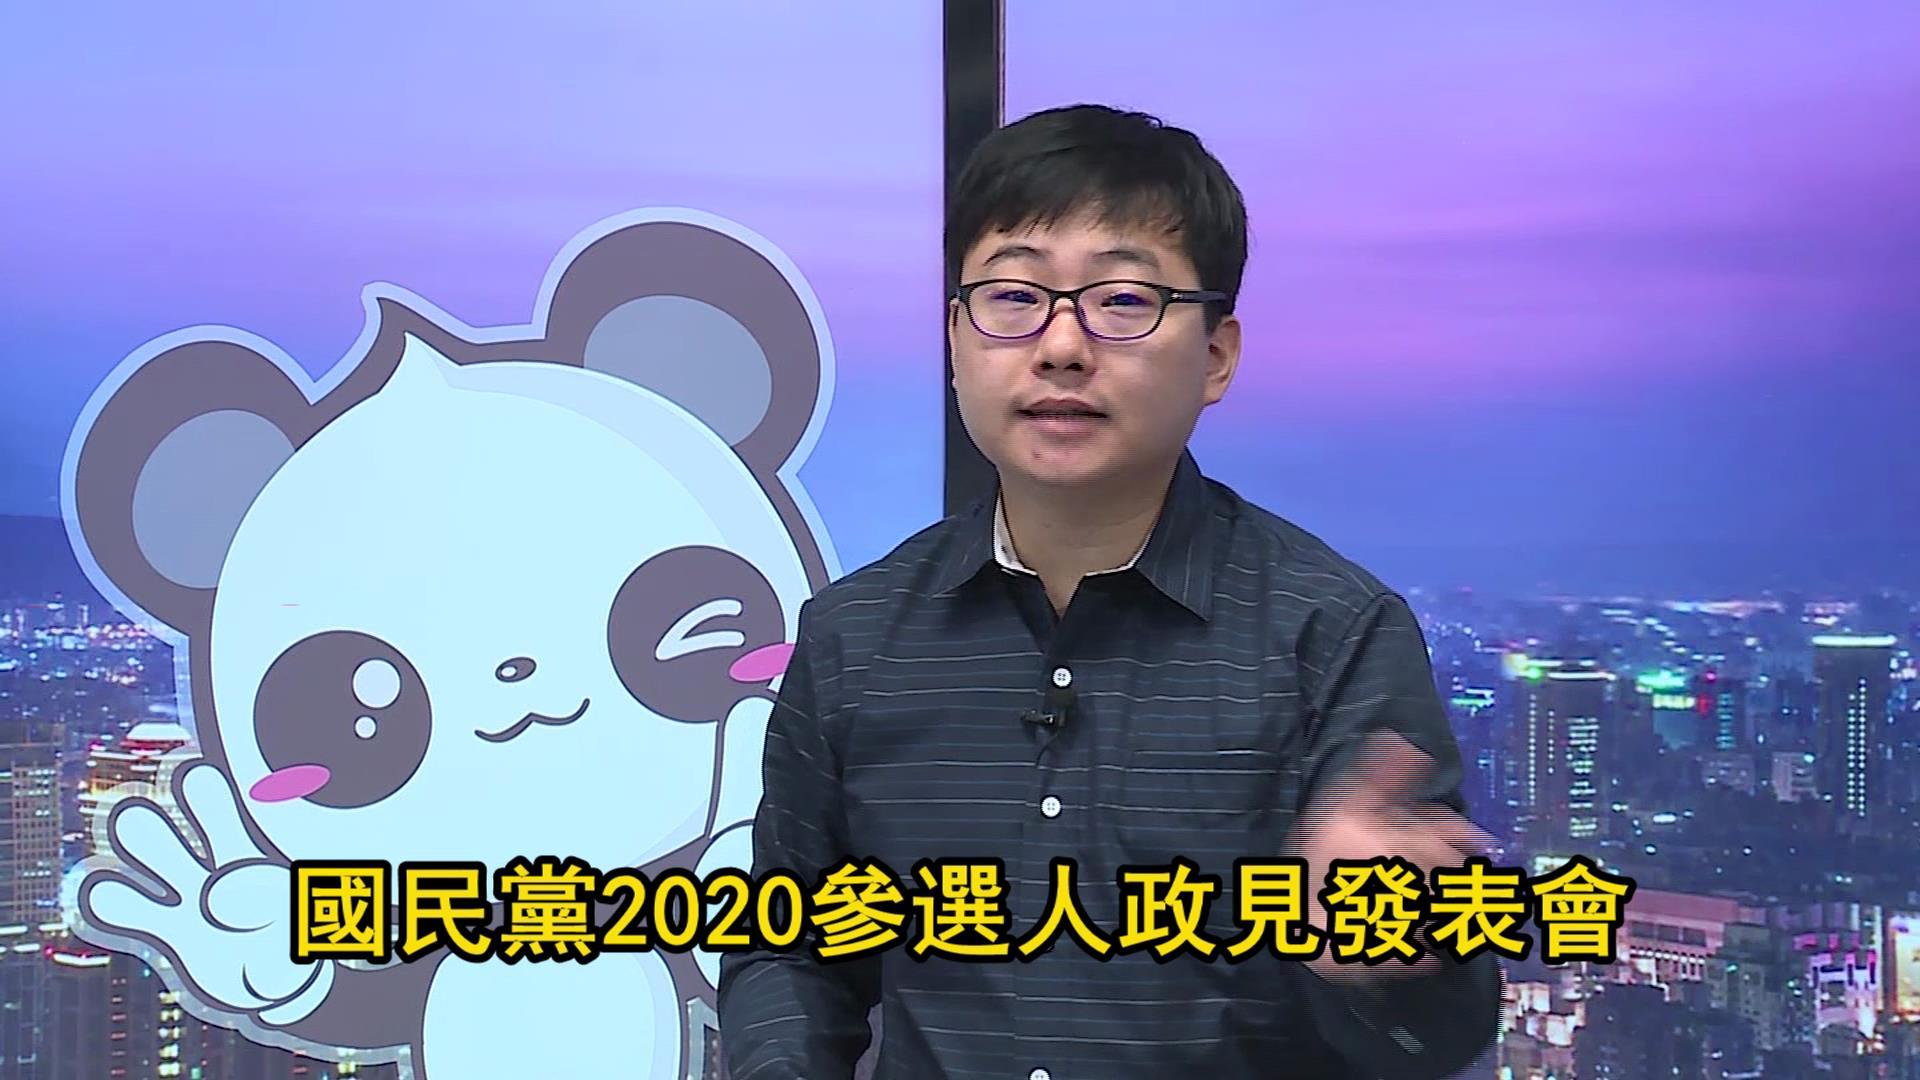 韩国瑜郭台铭朱立伦2020政策大比拼,究竟谁更胜一筹?图片